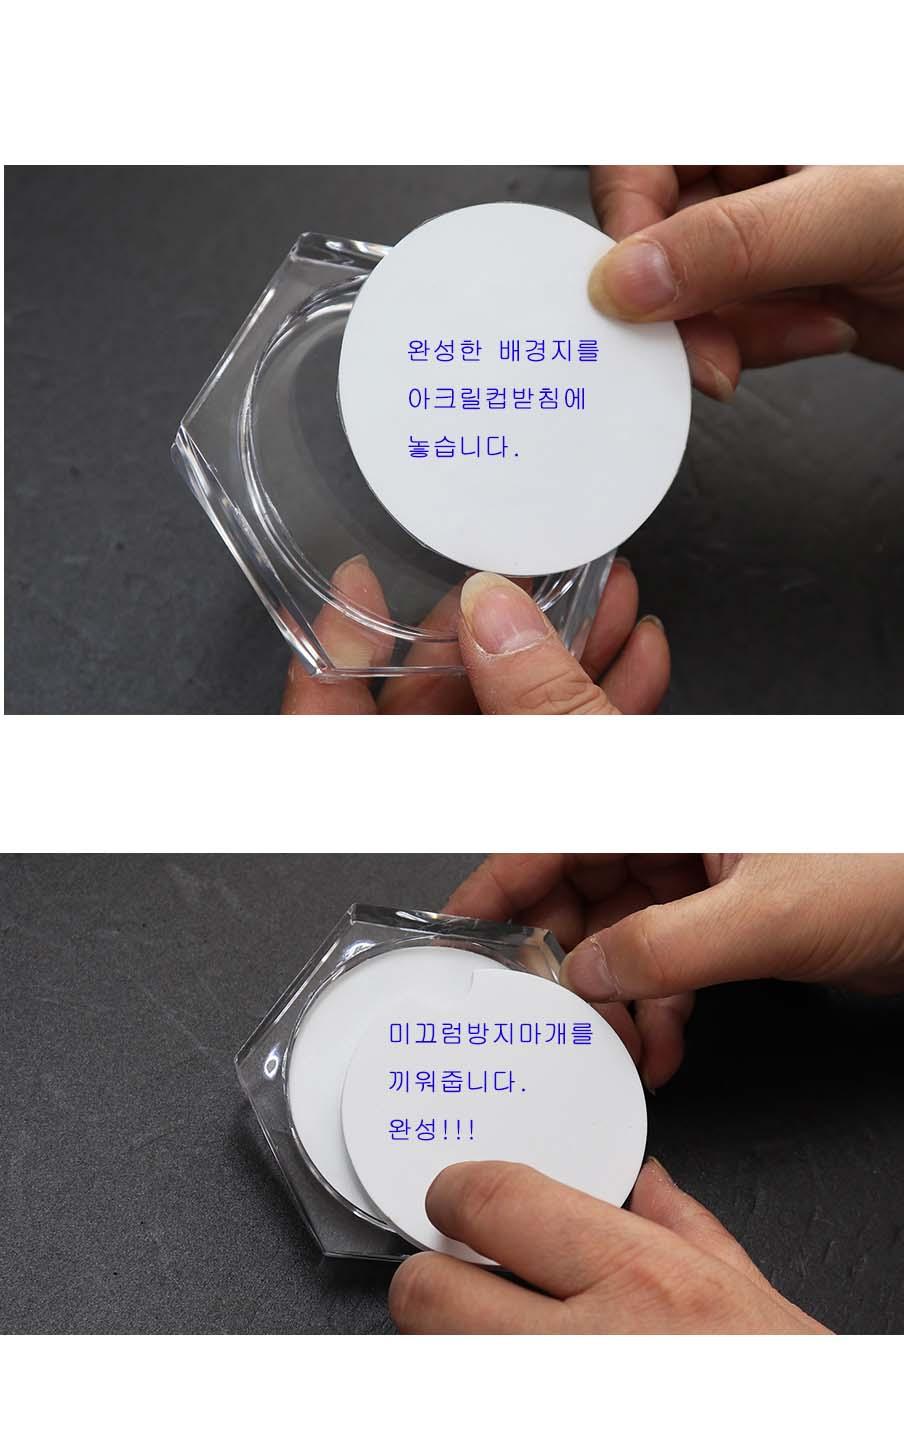 육각컵받침만들기세트-락스퍼디자인 - 프레스코21, 4,600원, 압화 공예, 압화 공예 재료